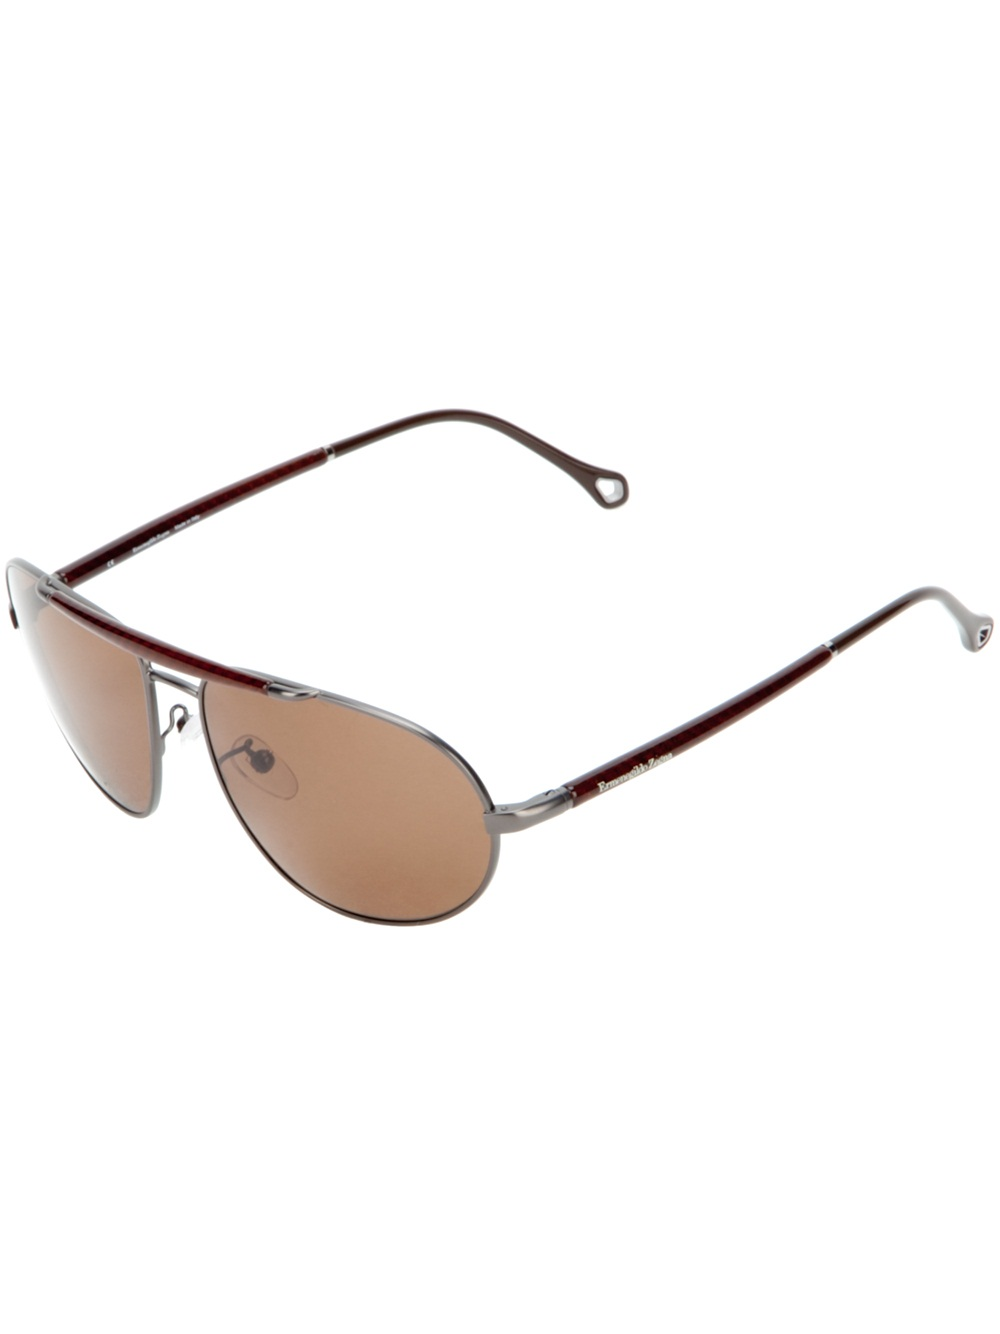 e49611796fa6 Ermenegildo Zegna Sunglasses in Brown for Men - Lyst